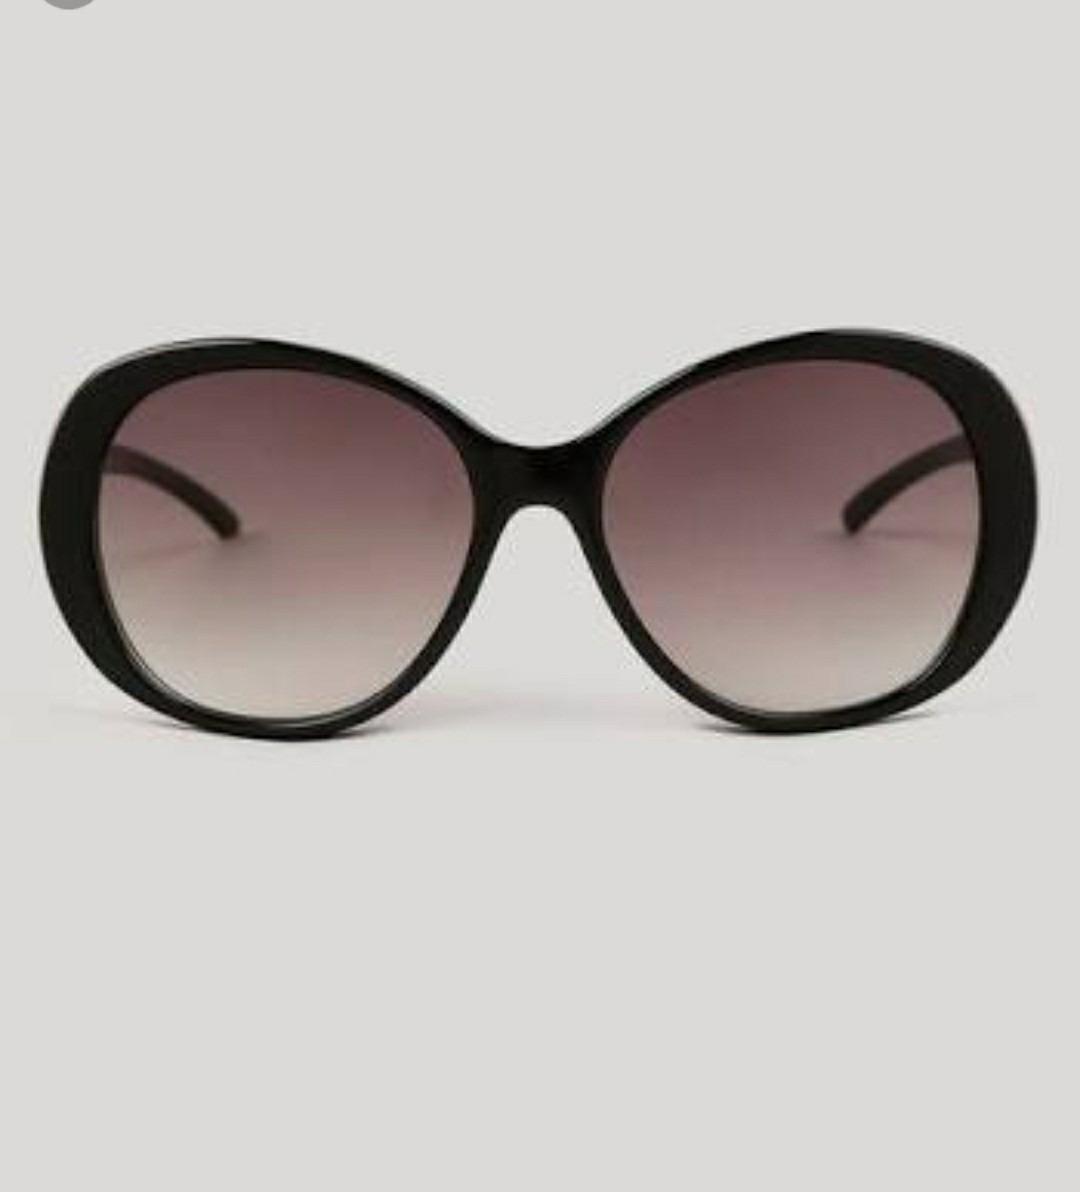 Óculos Feminino De Sol Escuro Grande Coleção 2019 Envio Hoje - R  39 ... d7e15c4a33